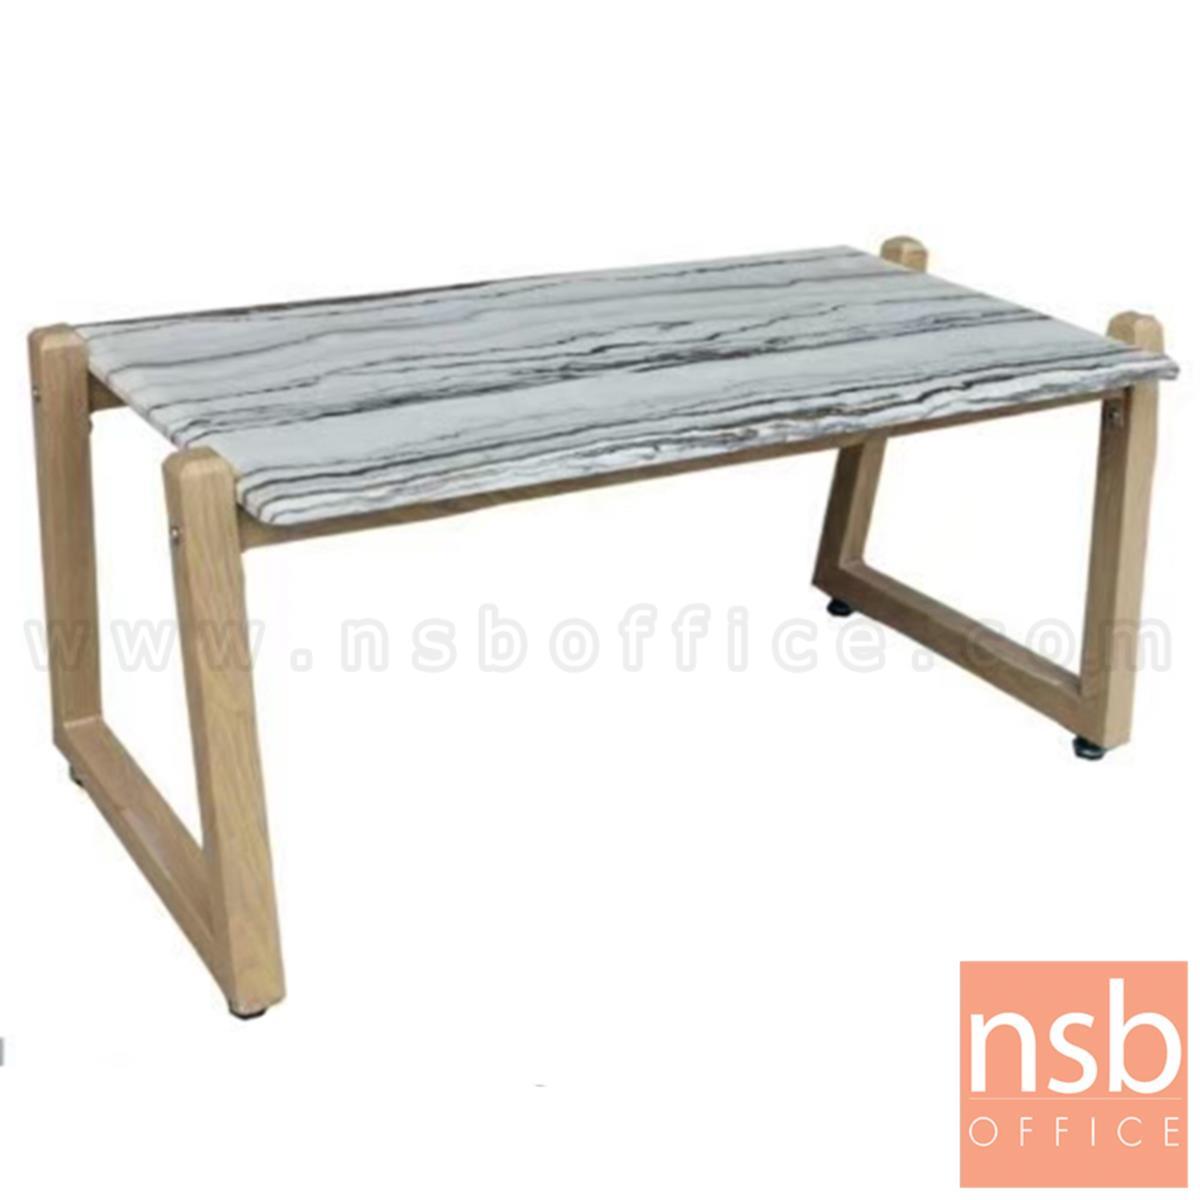 B13A295:โต๊ะกลางหน้าท็อปหิน รุ่น Breyton (เบรย์ตั้น) ขนาด 90W cm. โครงเหล็ก